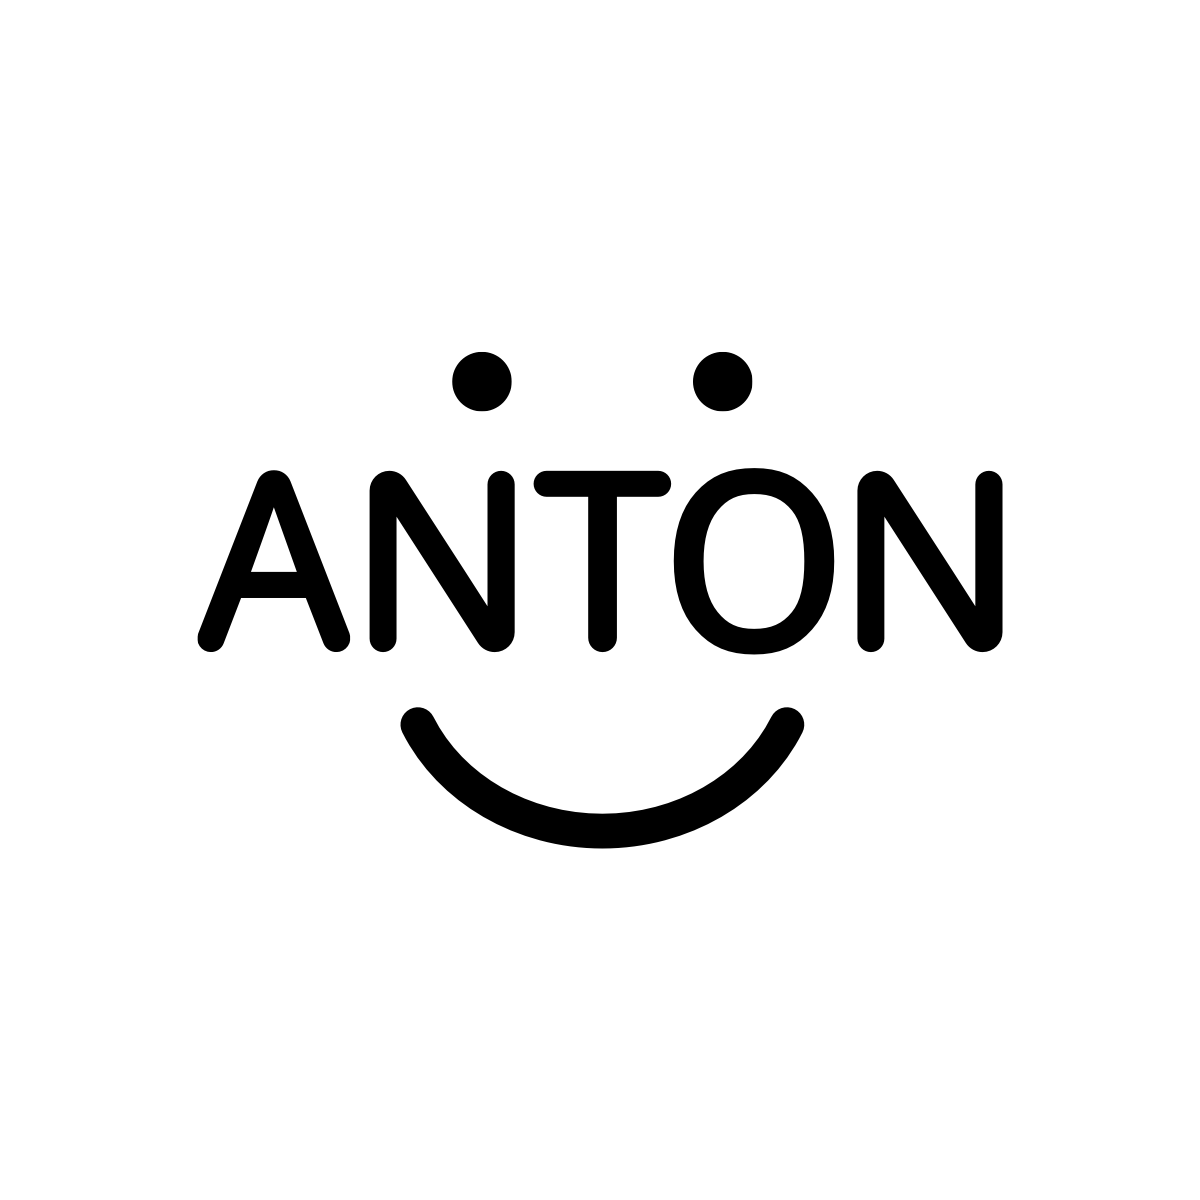 ANTON - Lerne kostenlos mit Übungen für Mathe, Deutsch, Grundschule bis  Gymnasium